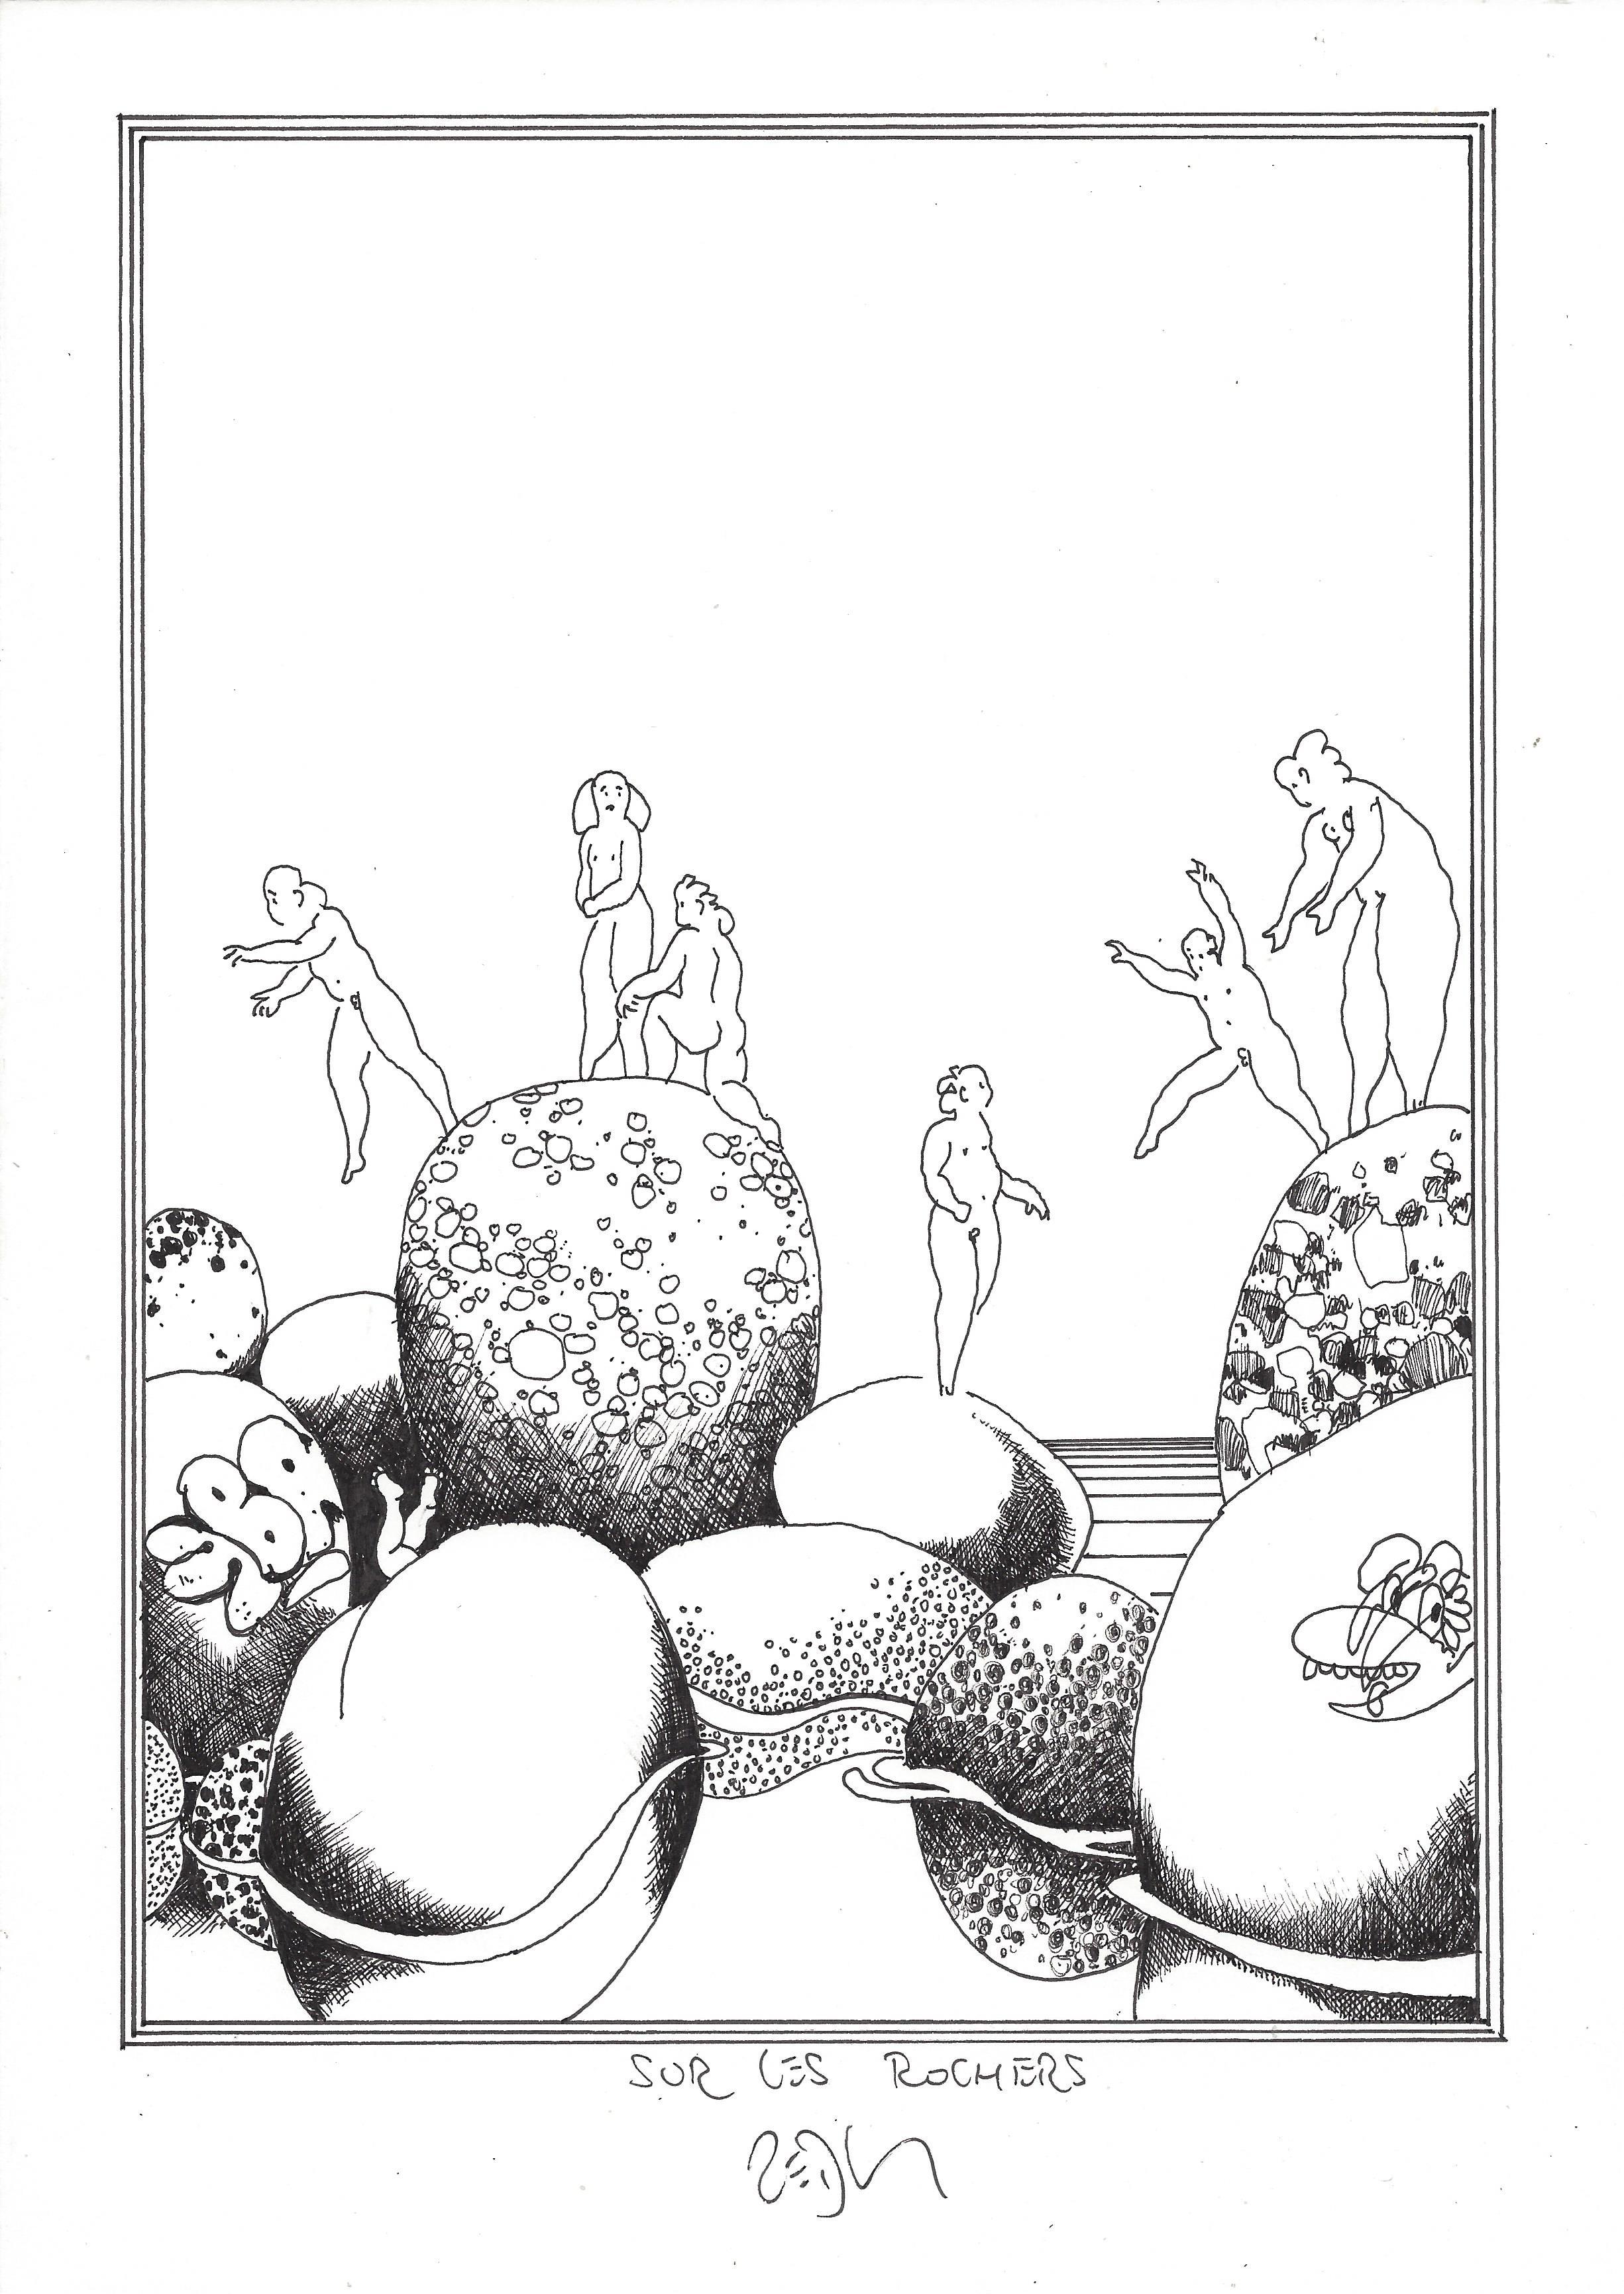 « Over the boulders – Sur les rochers »